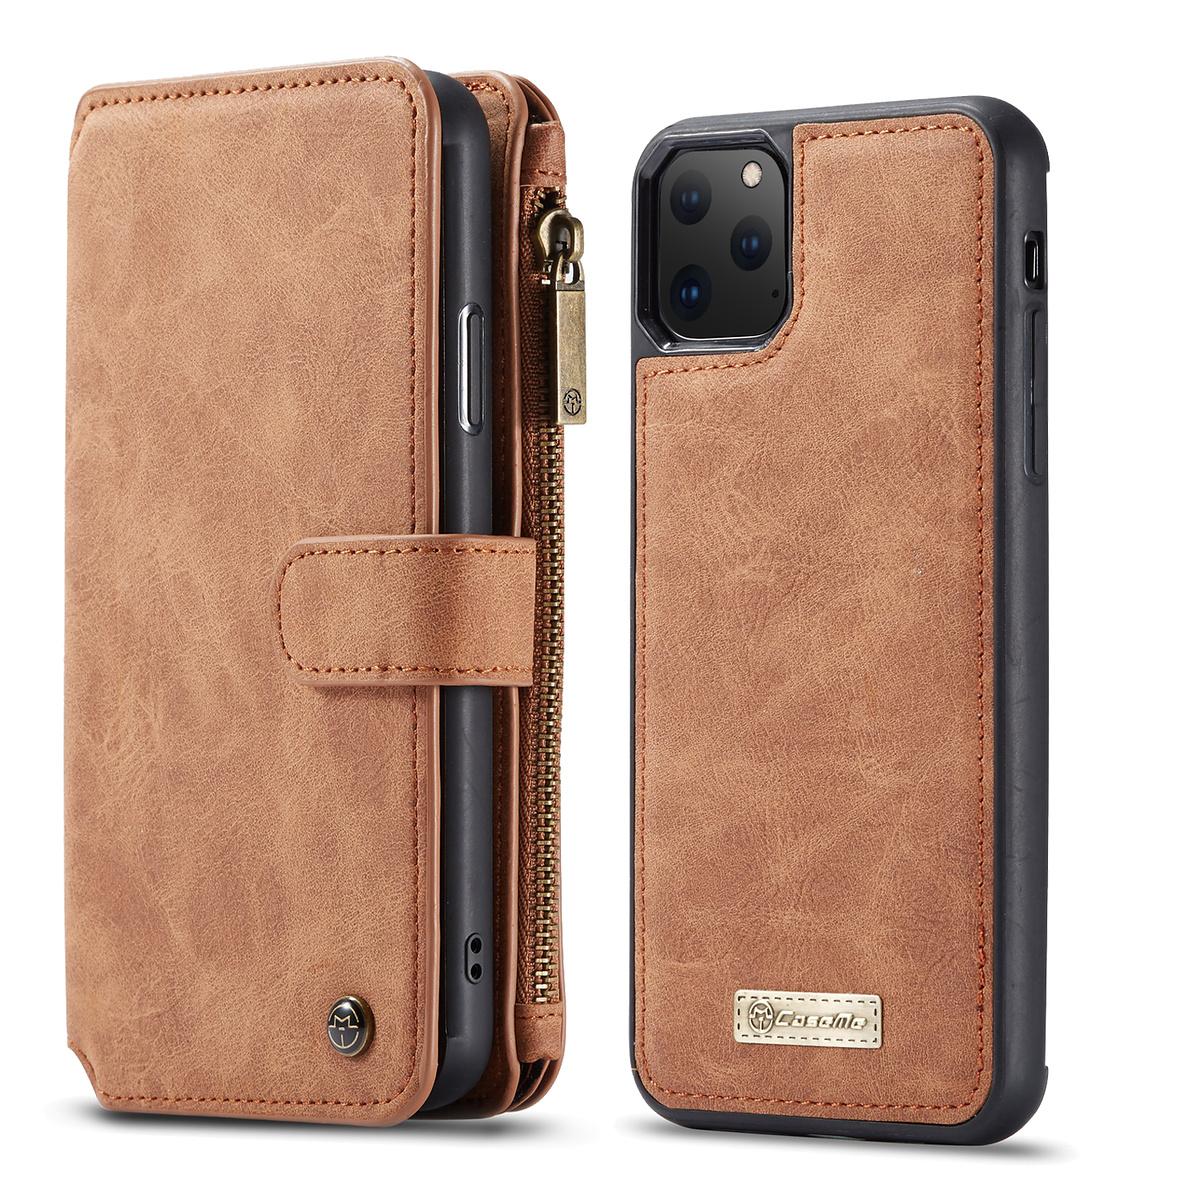 CaseMe plånboksfodral med magnetskal, iPhone 11 Pro, brun